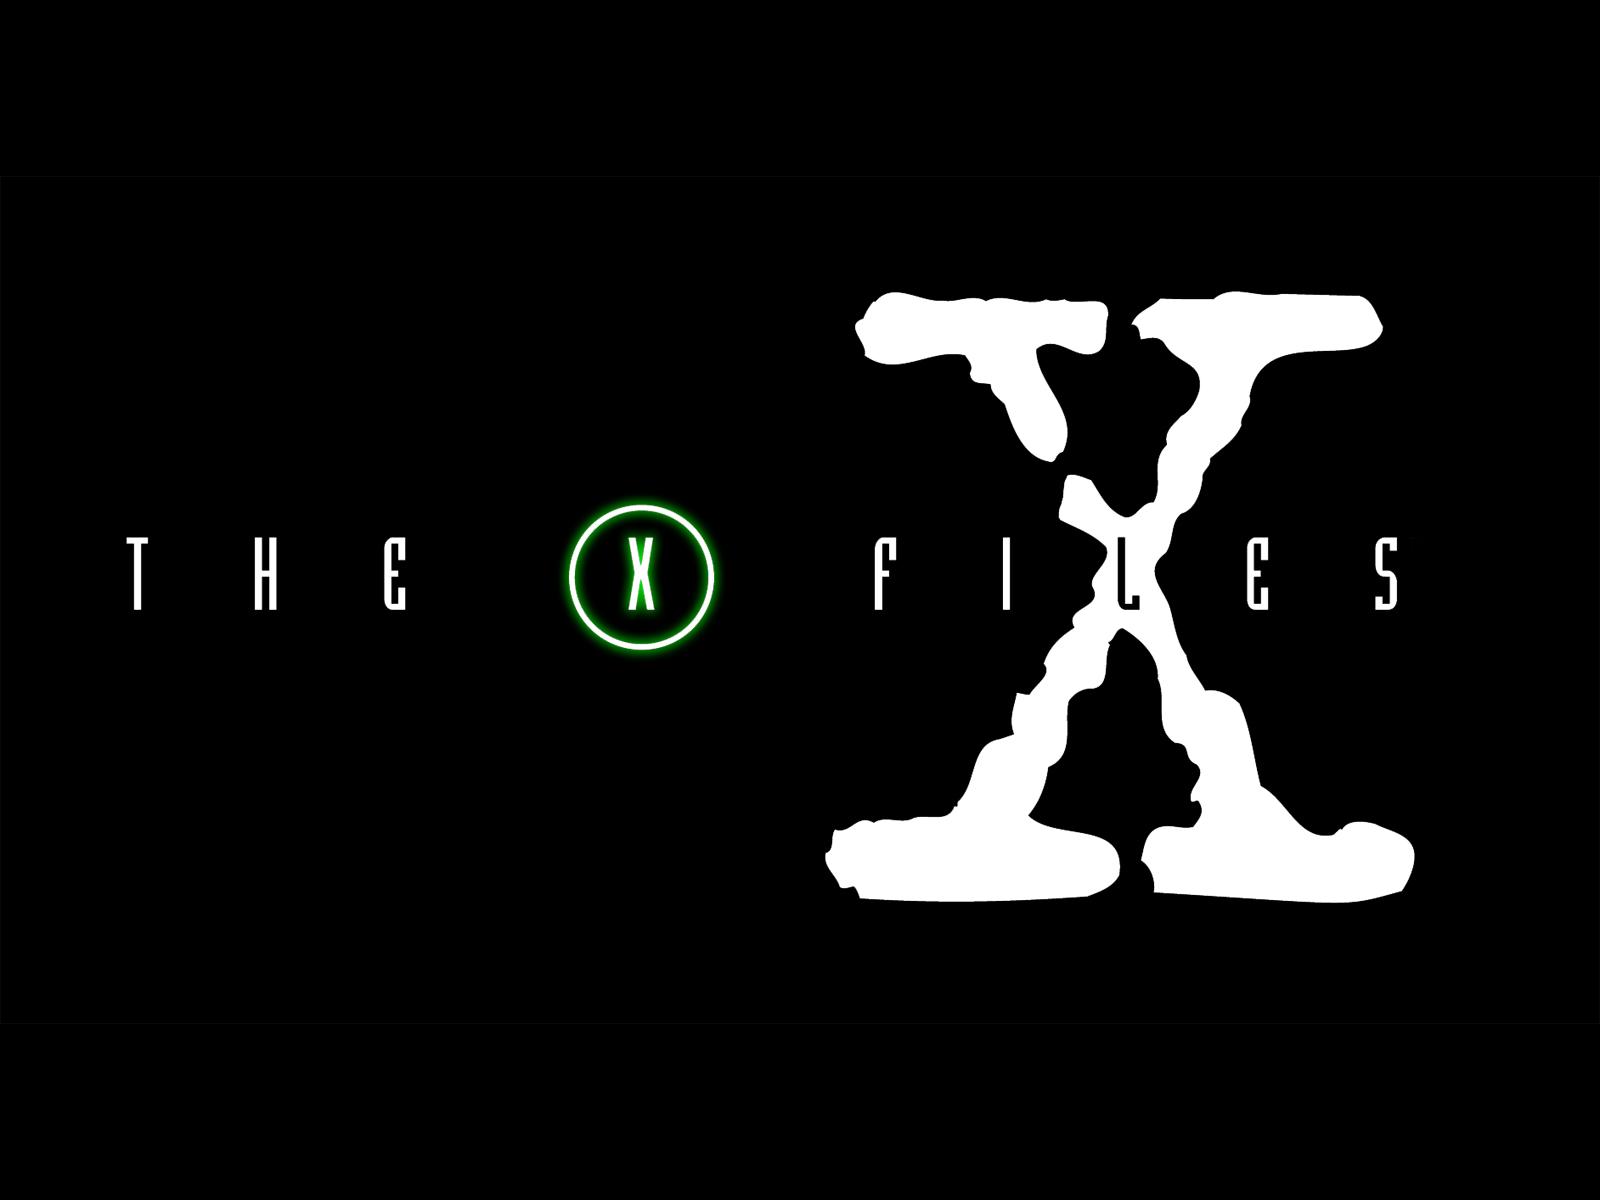 @FOX x-file